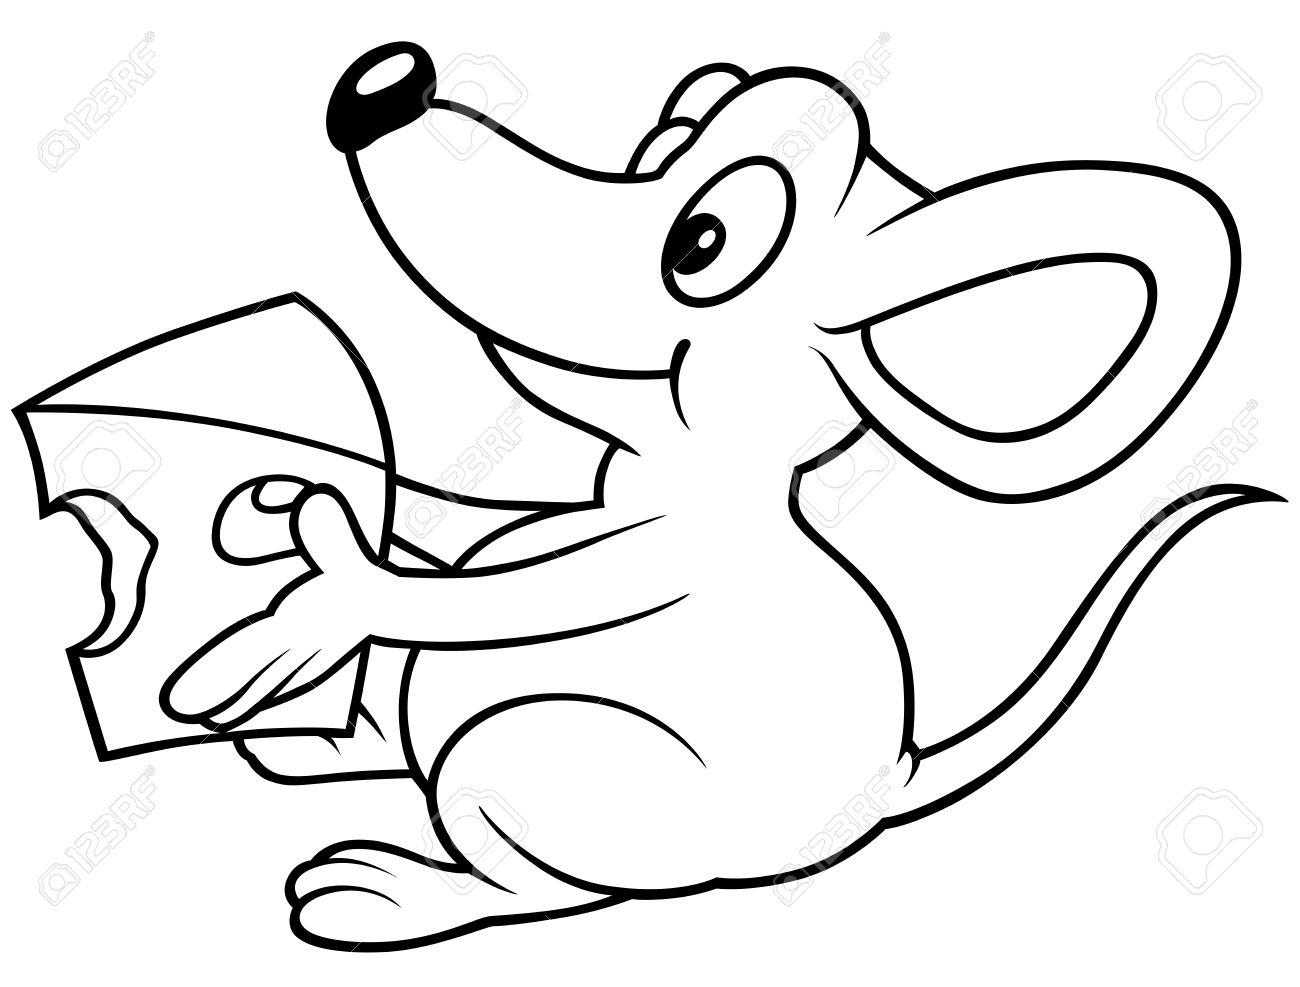 Käse clipart schwarz weiß  Maus, Die Käse - Schwarz-Weiß-Karikatur Lizenzfrei Nutzbare ...